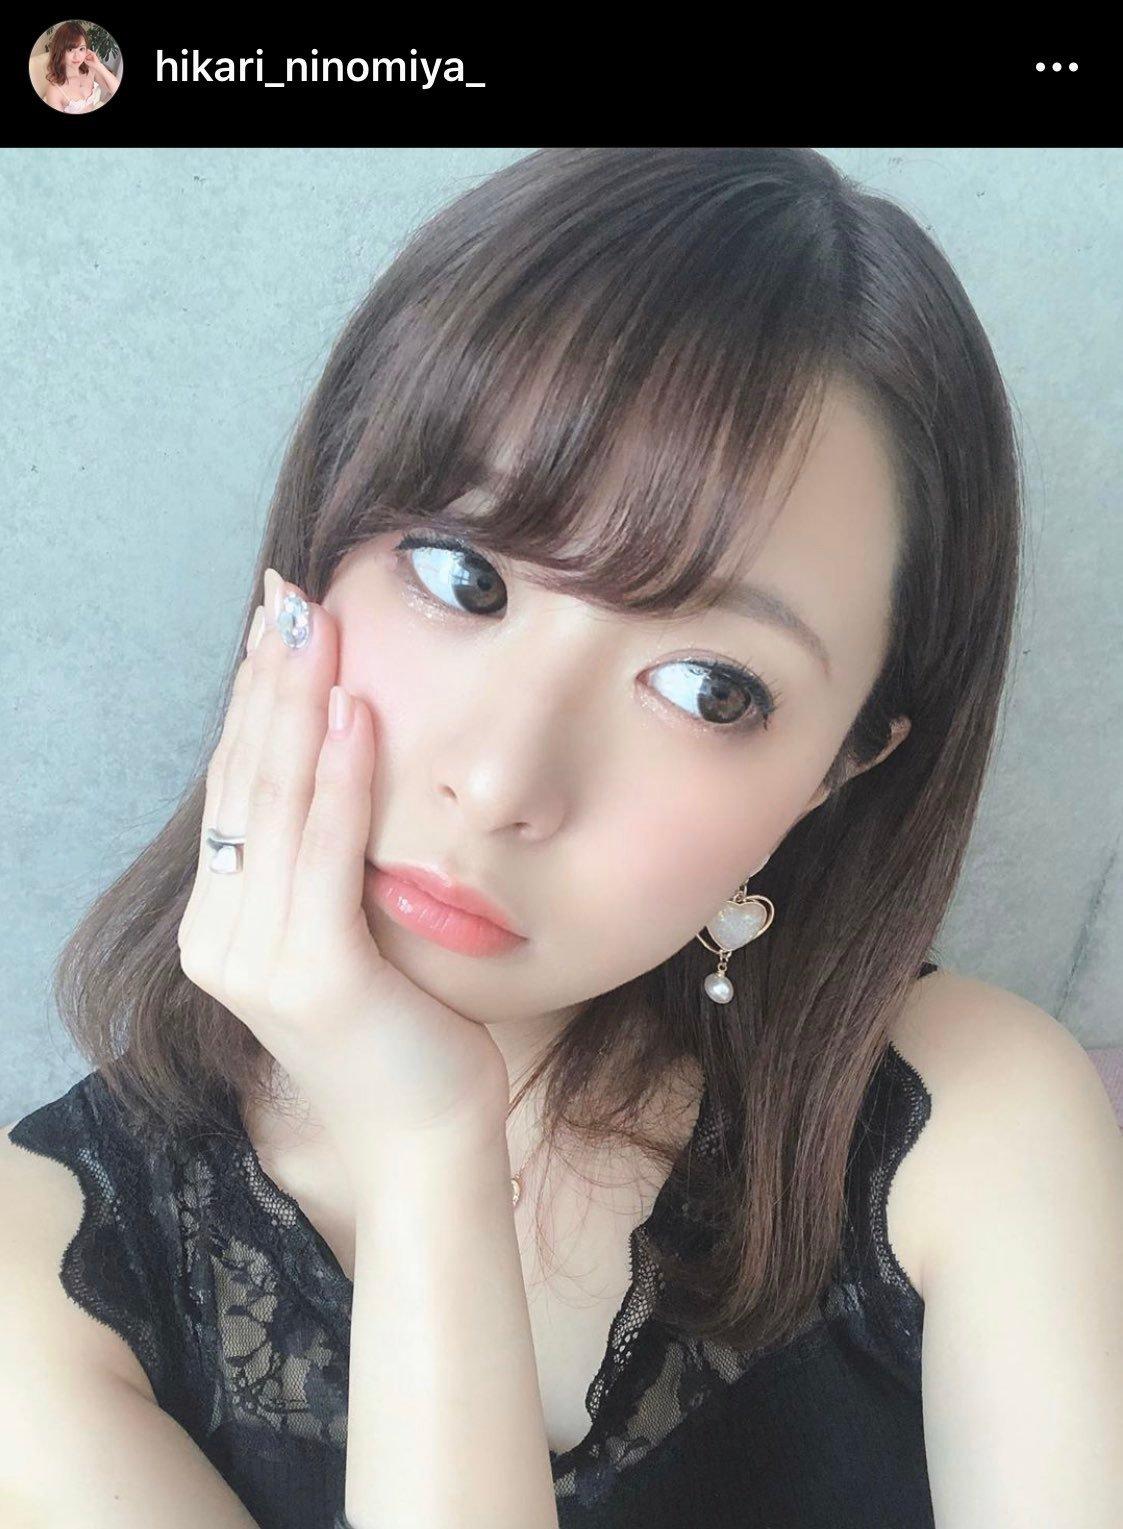 hikari_ninoheee 1250901548743290881_p1